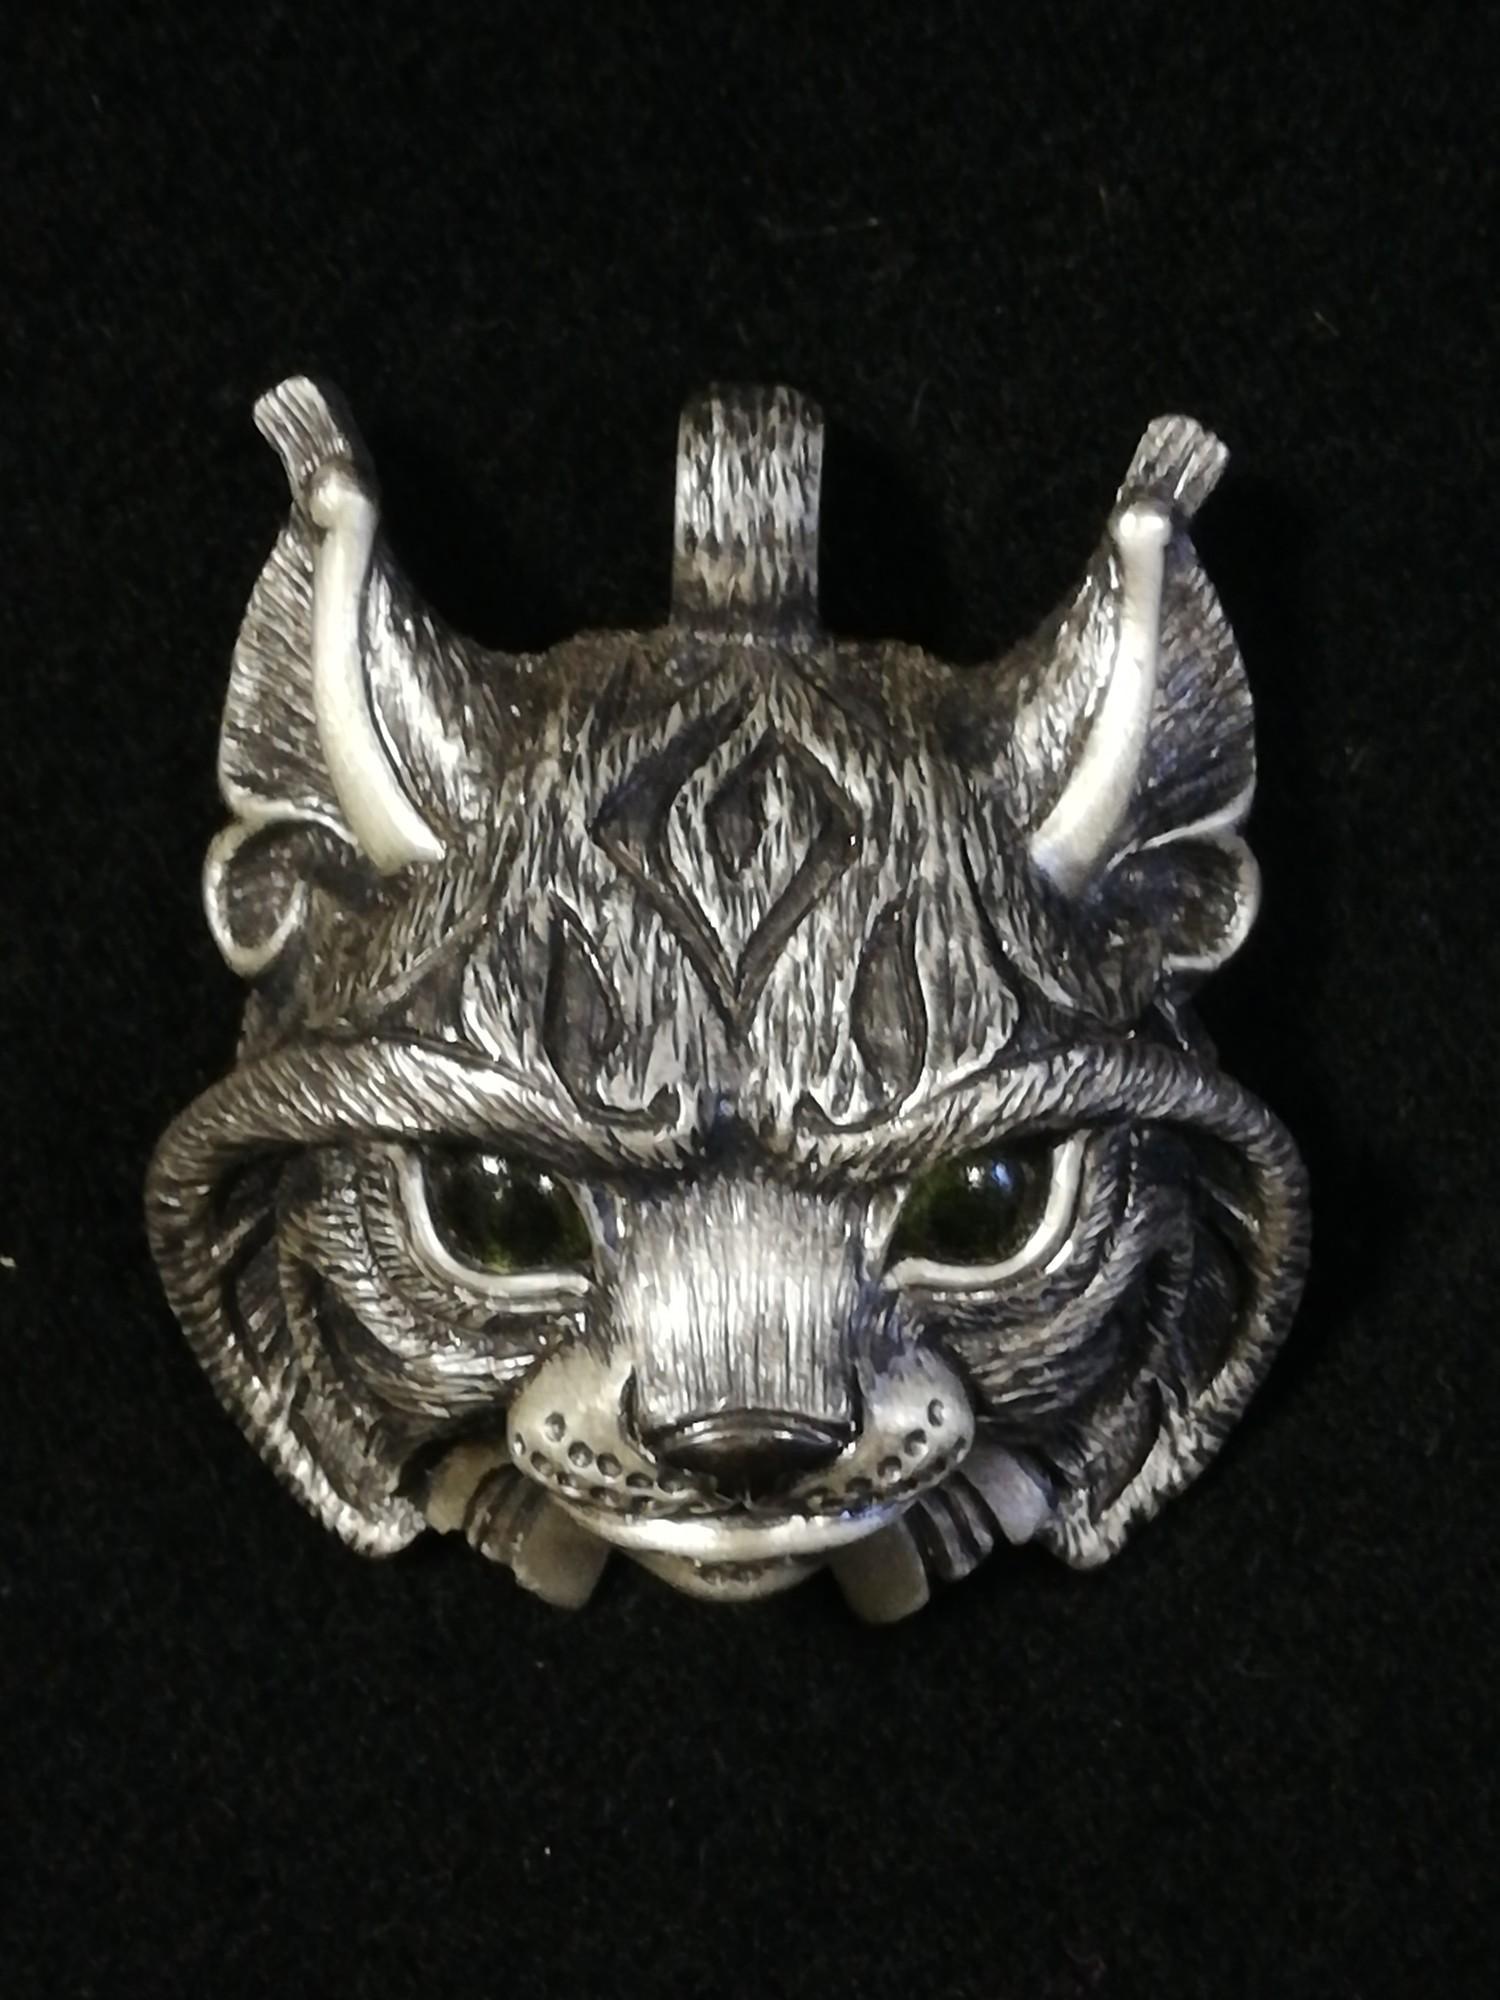 Argent Aqua Jewellery by Adrian Ashley unusual silver lynx pendant set with peridot eyes